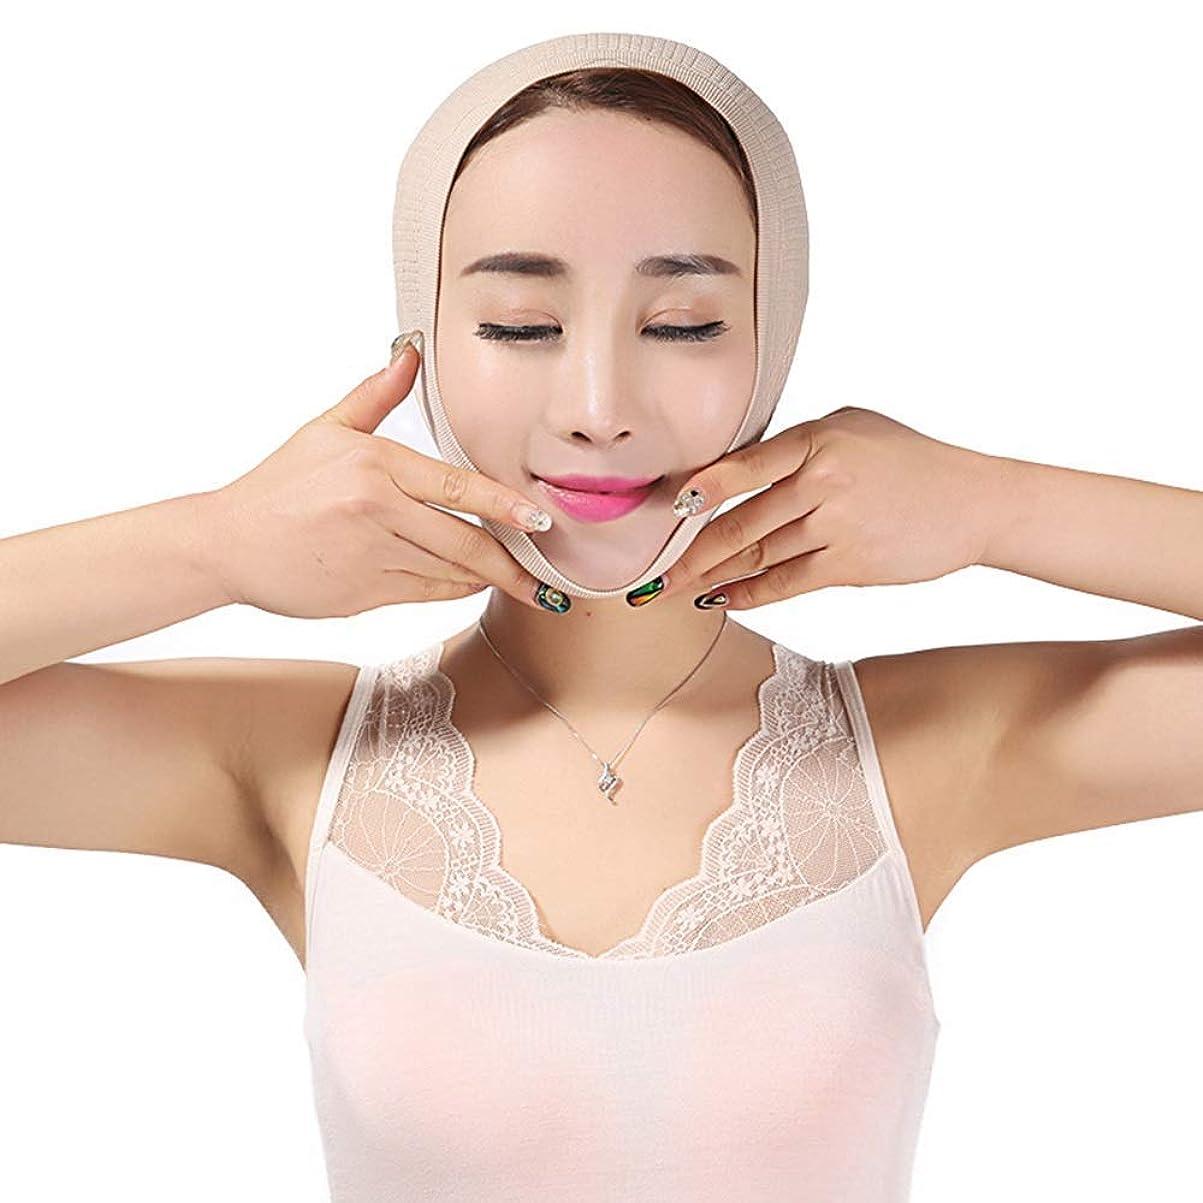 医療過誤やりすぎ頬骨薄い顔の器械のマスクの改装の包帯Vの表面持ち上がることの引き締めの美顔術の二重最大の顔のマッサージャー